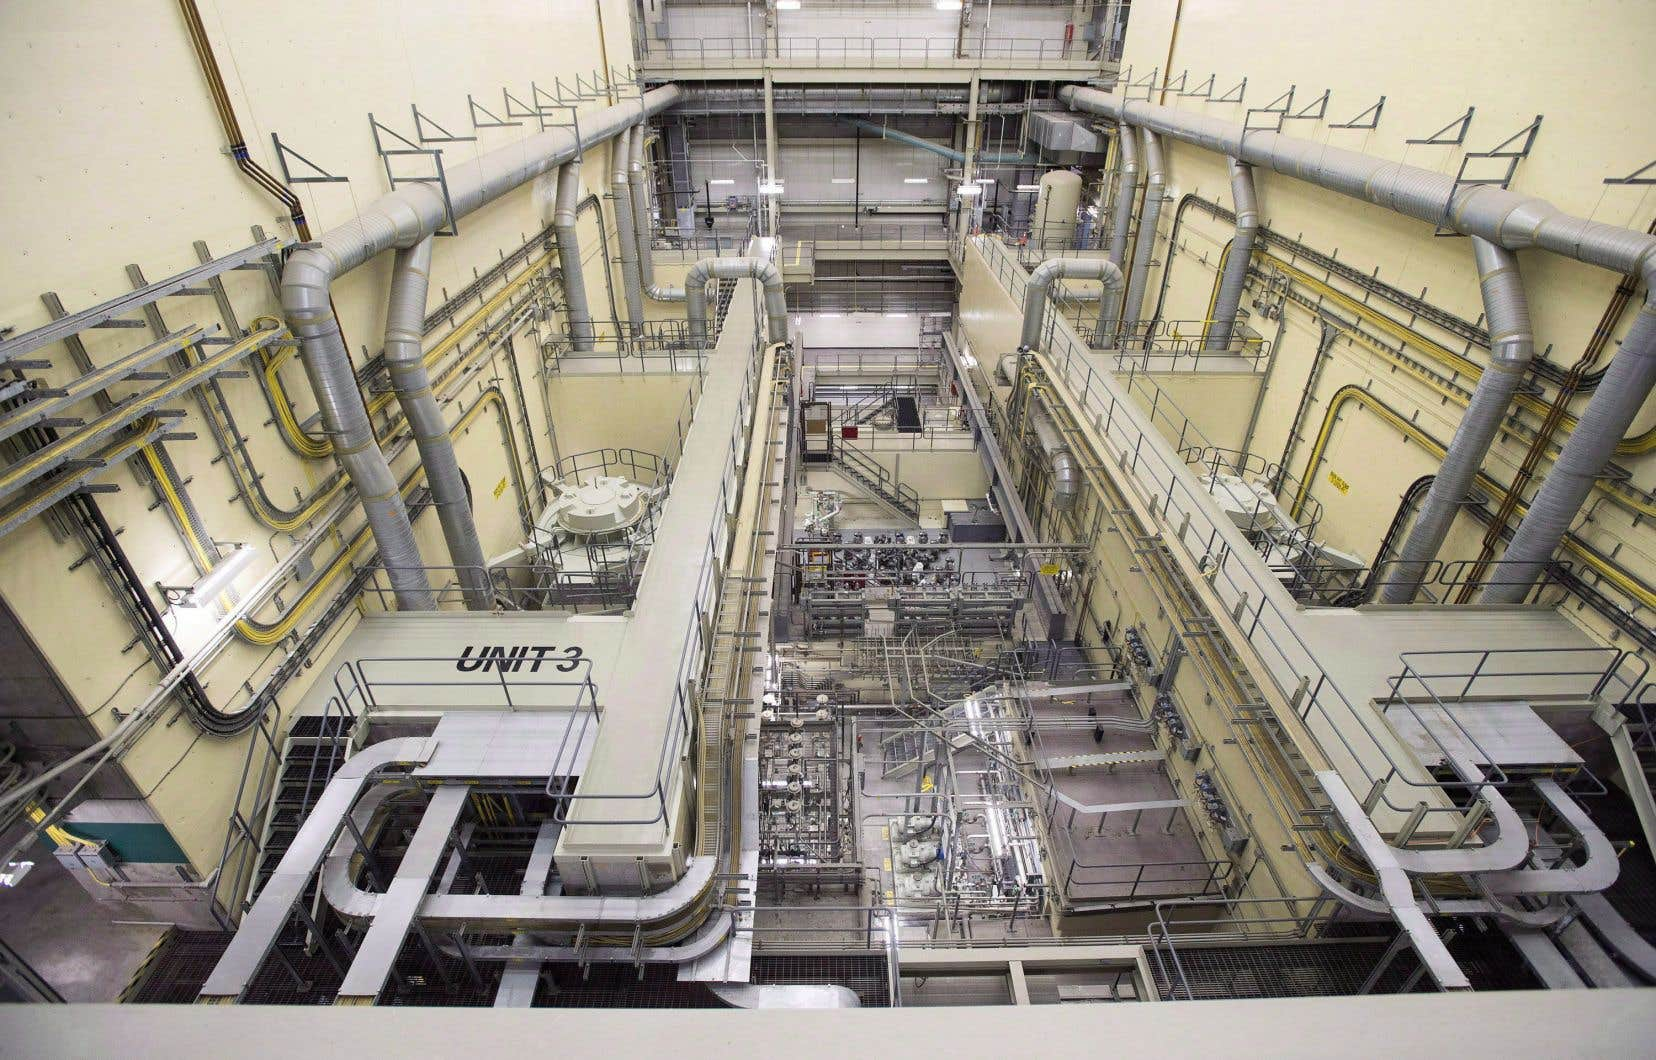 Les concepts de PRM envisagés fonctionnent grâce à différentes technologies de fission nucléaire.